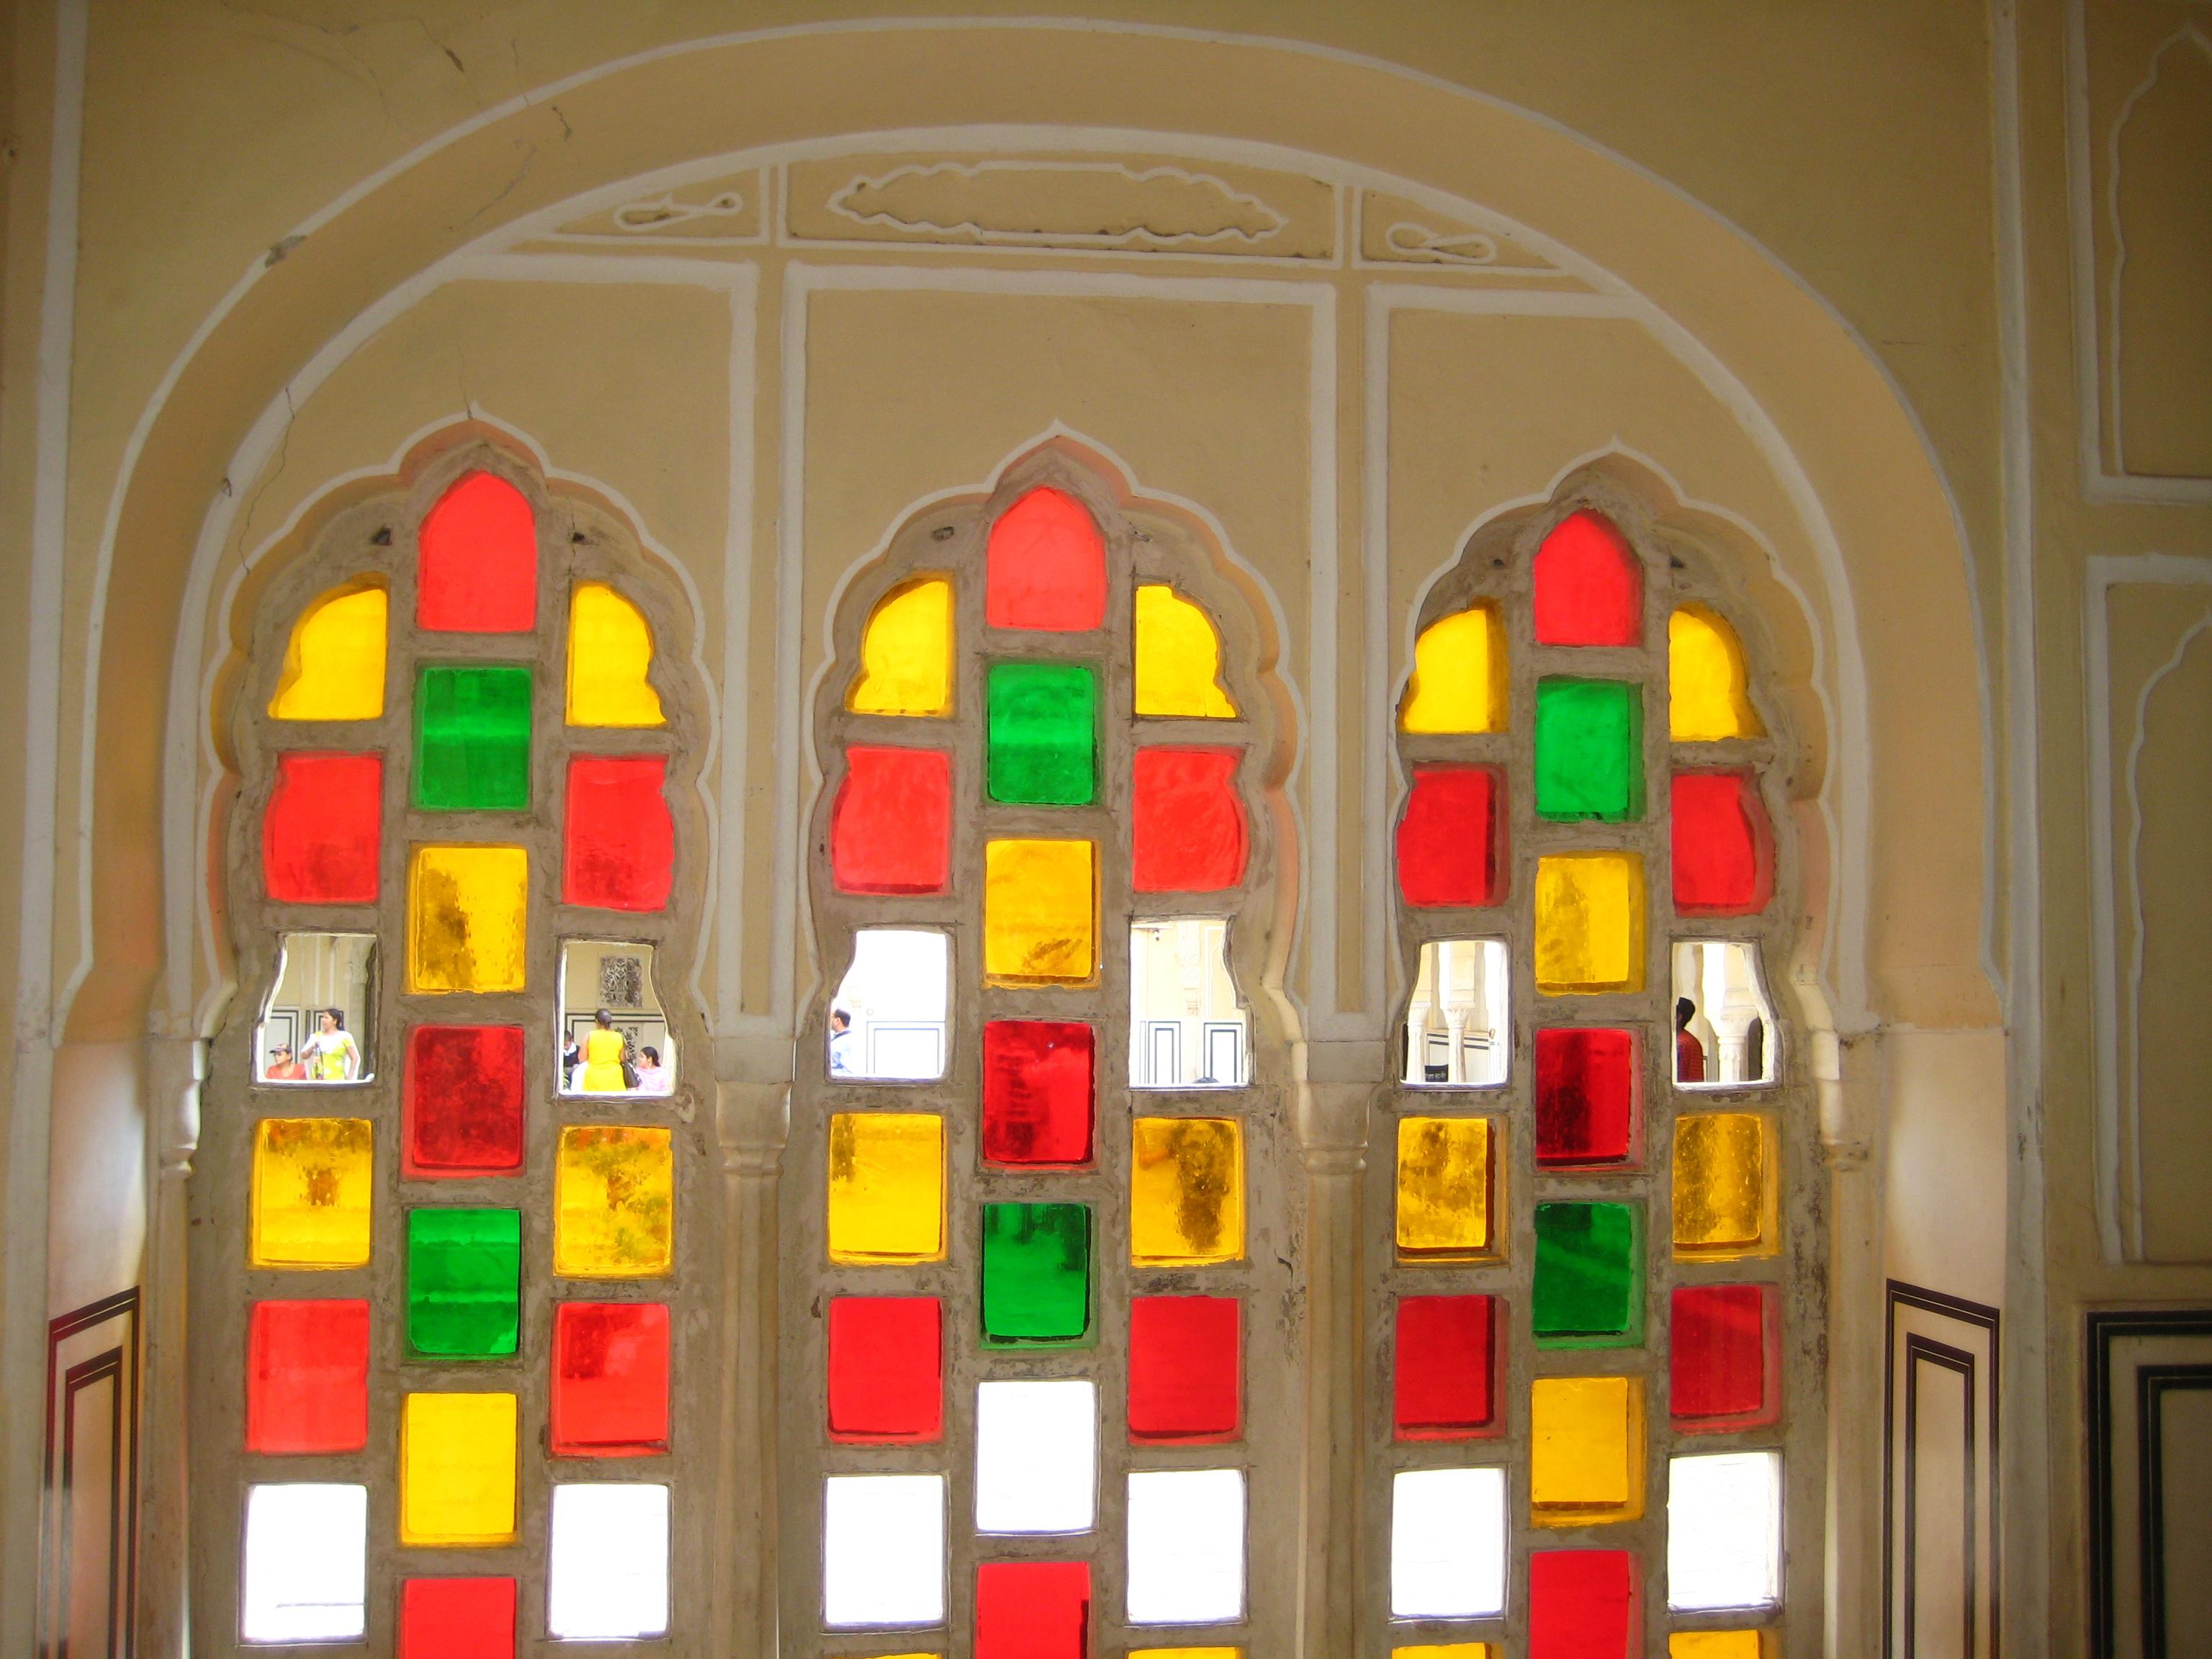 风之宫殿:设953扇窗户,竟为的是让王妃窥探外面的花花世界